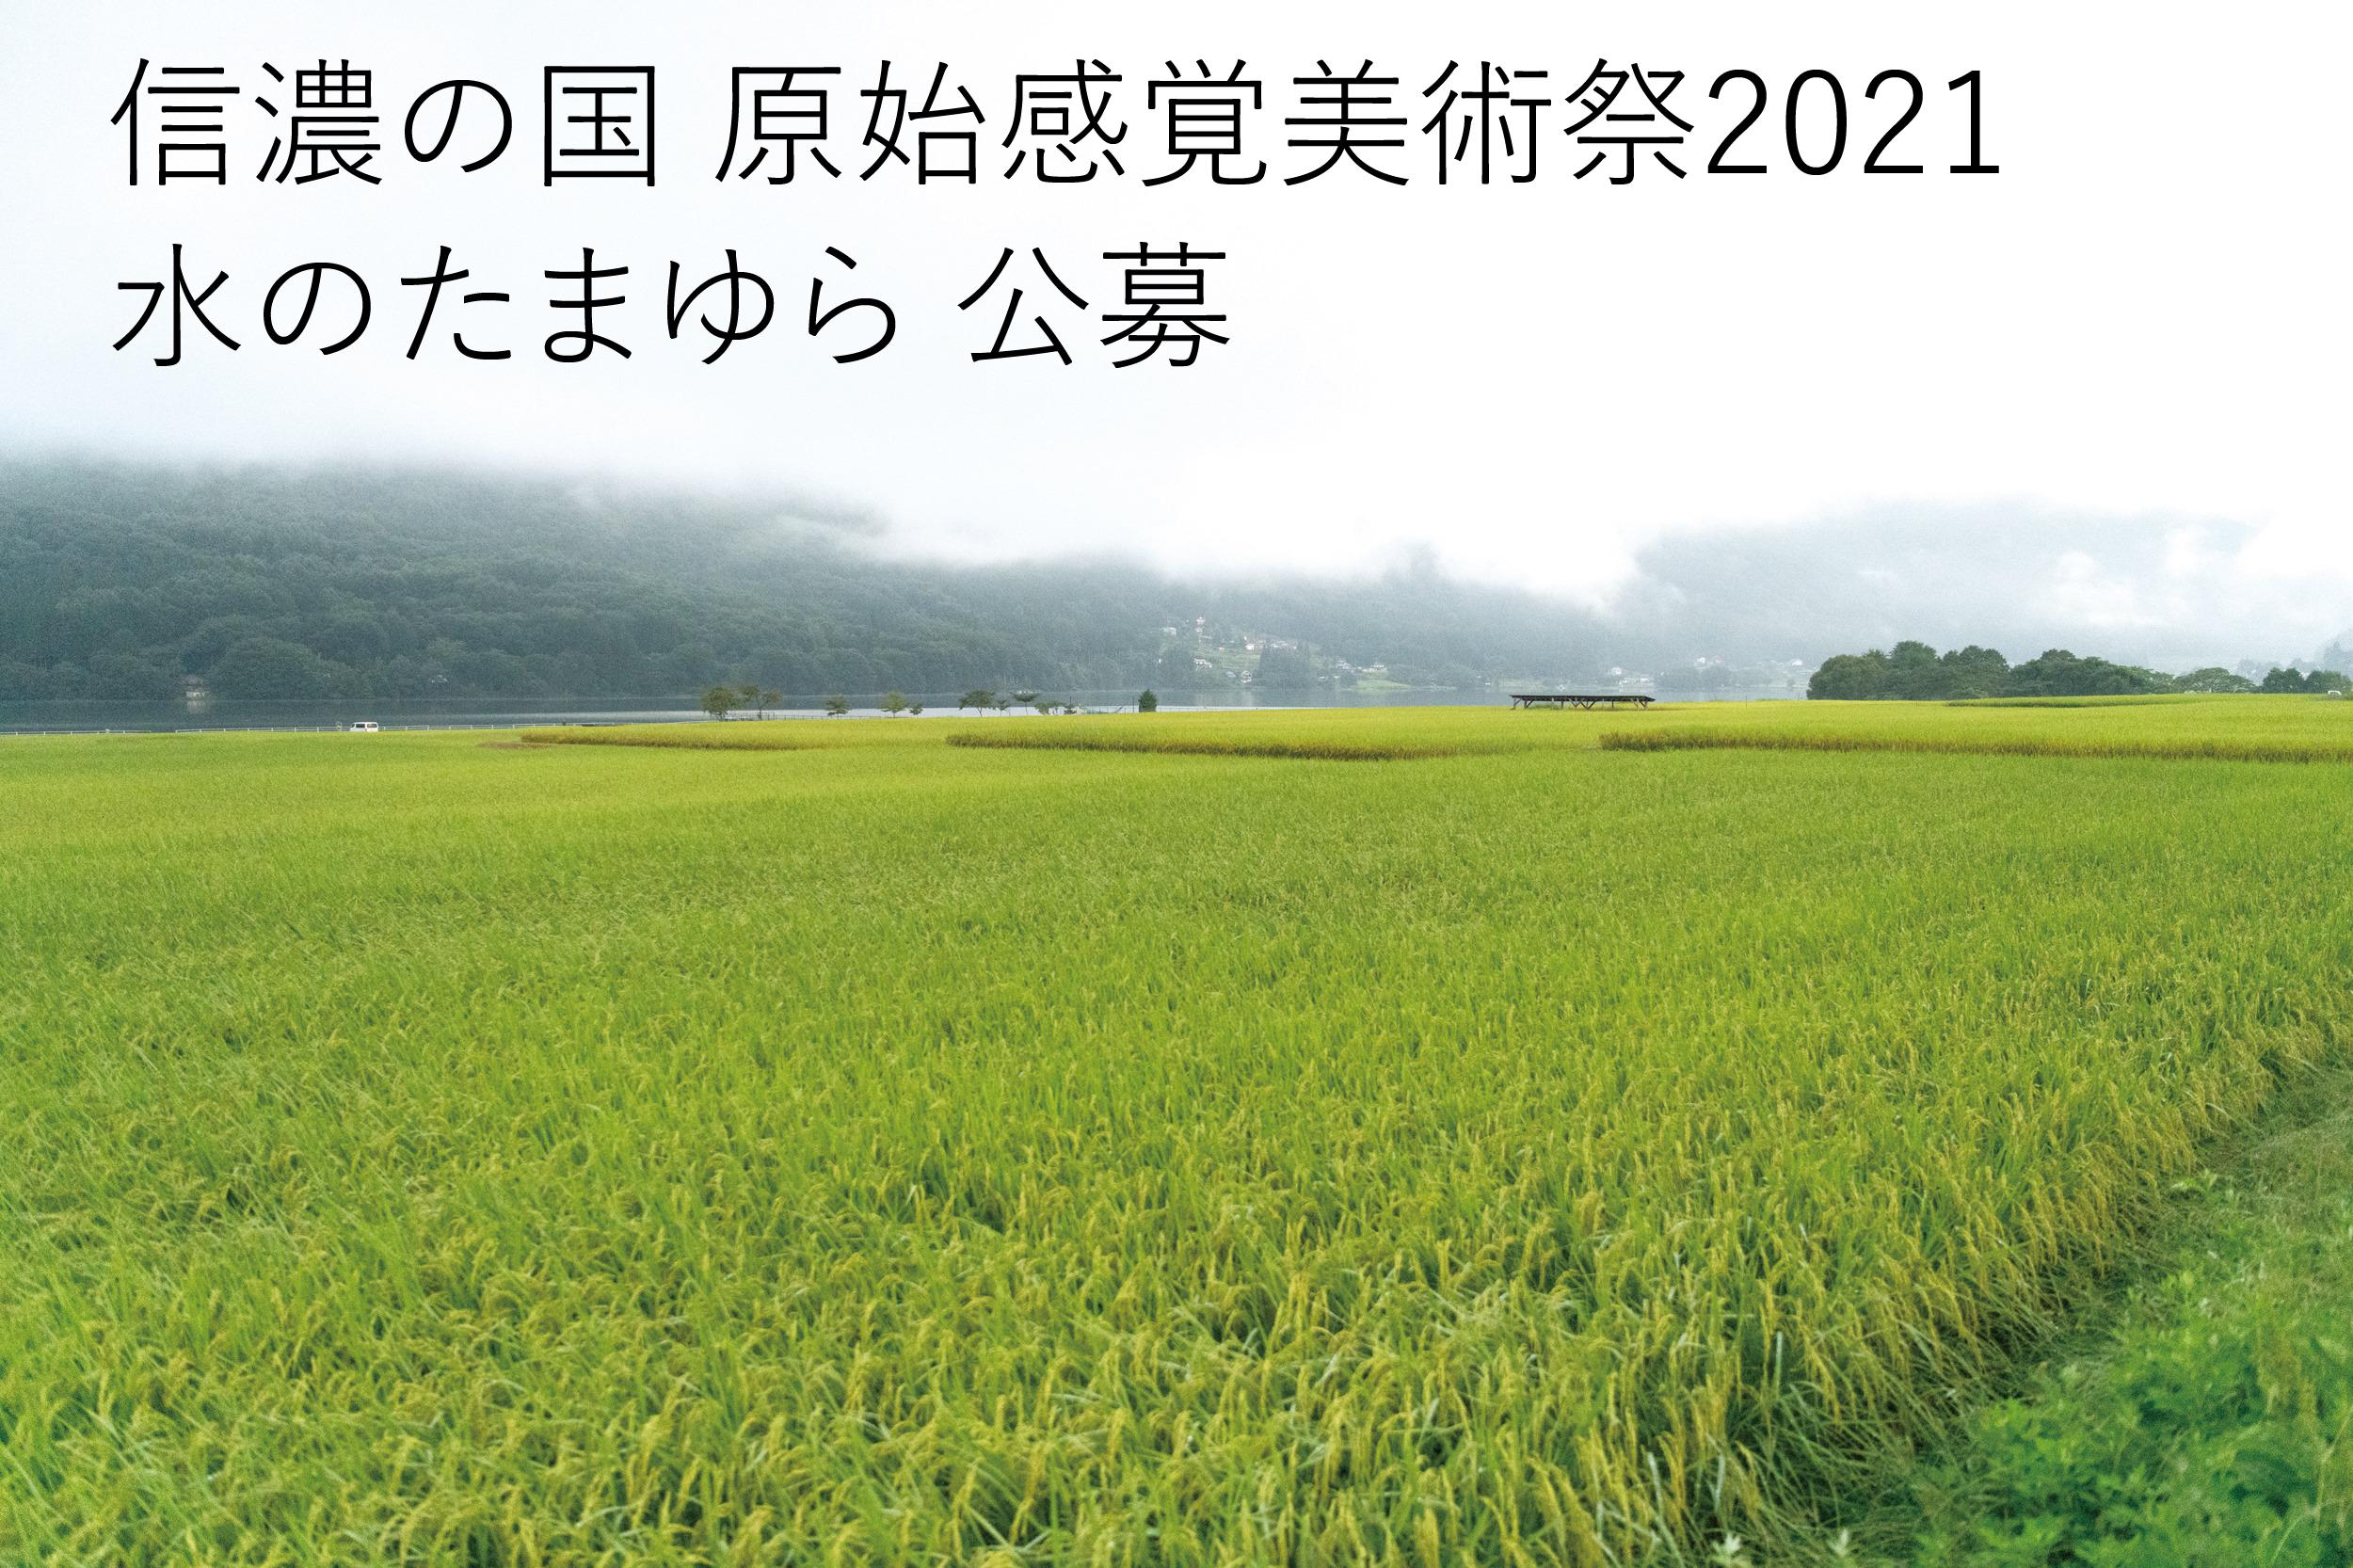 「信濃の国 原始感覚美術祭2021-水のたまゆら」公募